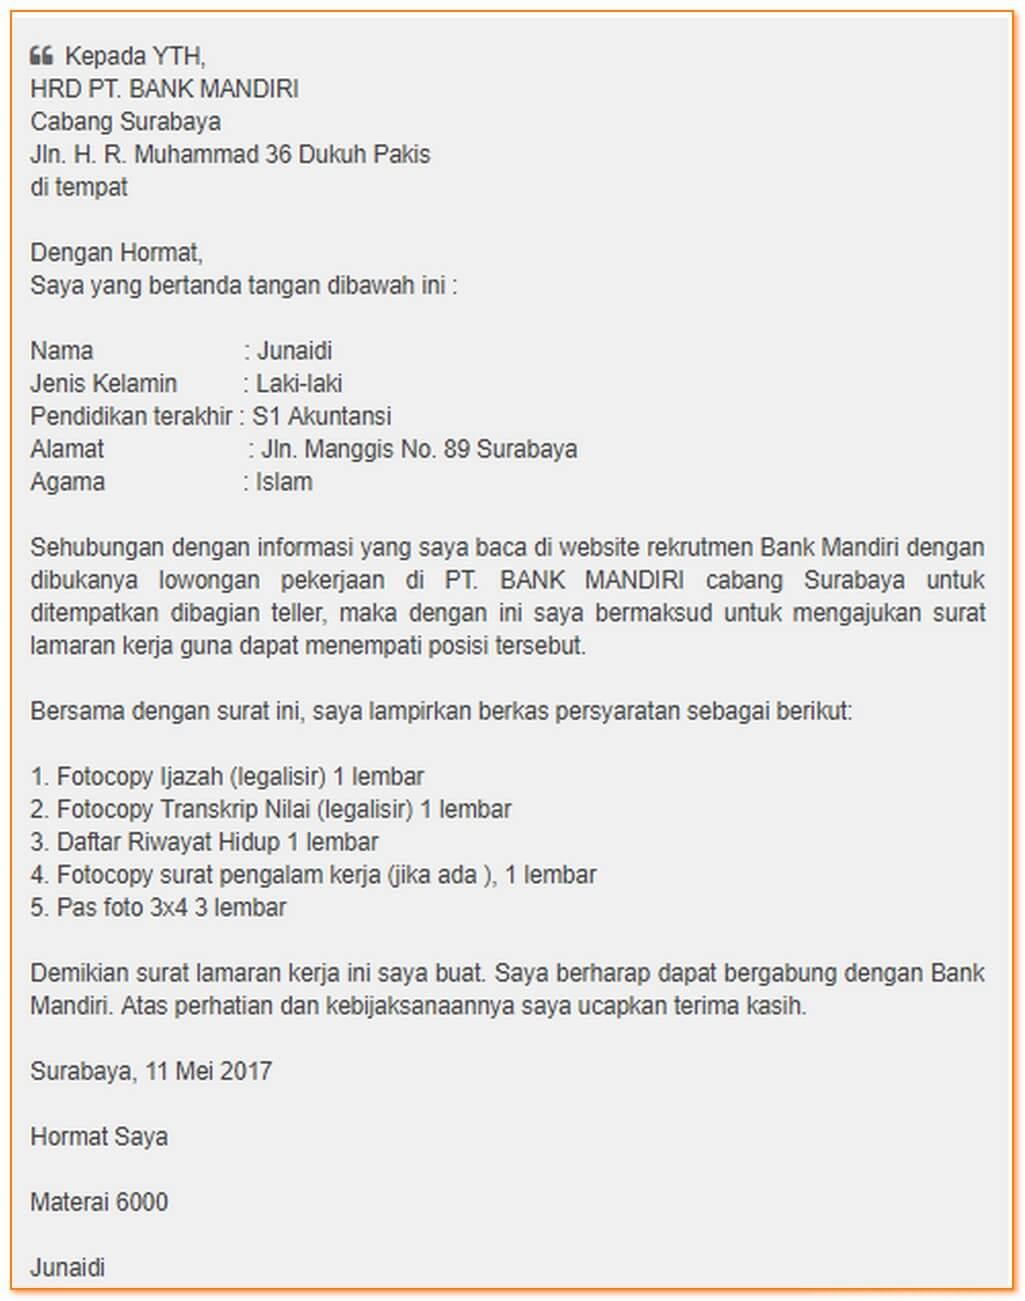 Contoh Surat Lamaran Kerja Di Bank Mandiri Contoh Surat